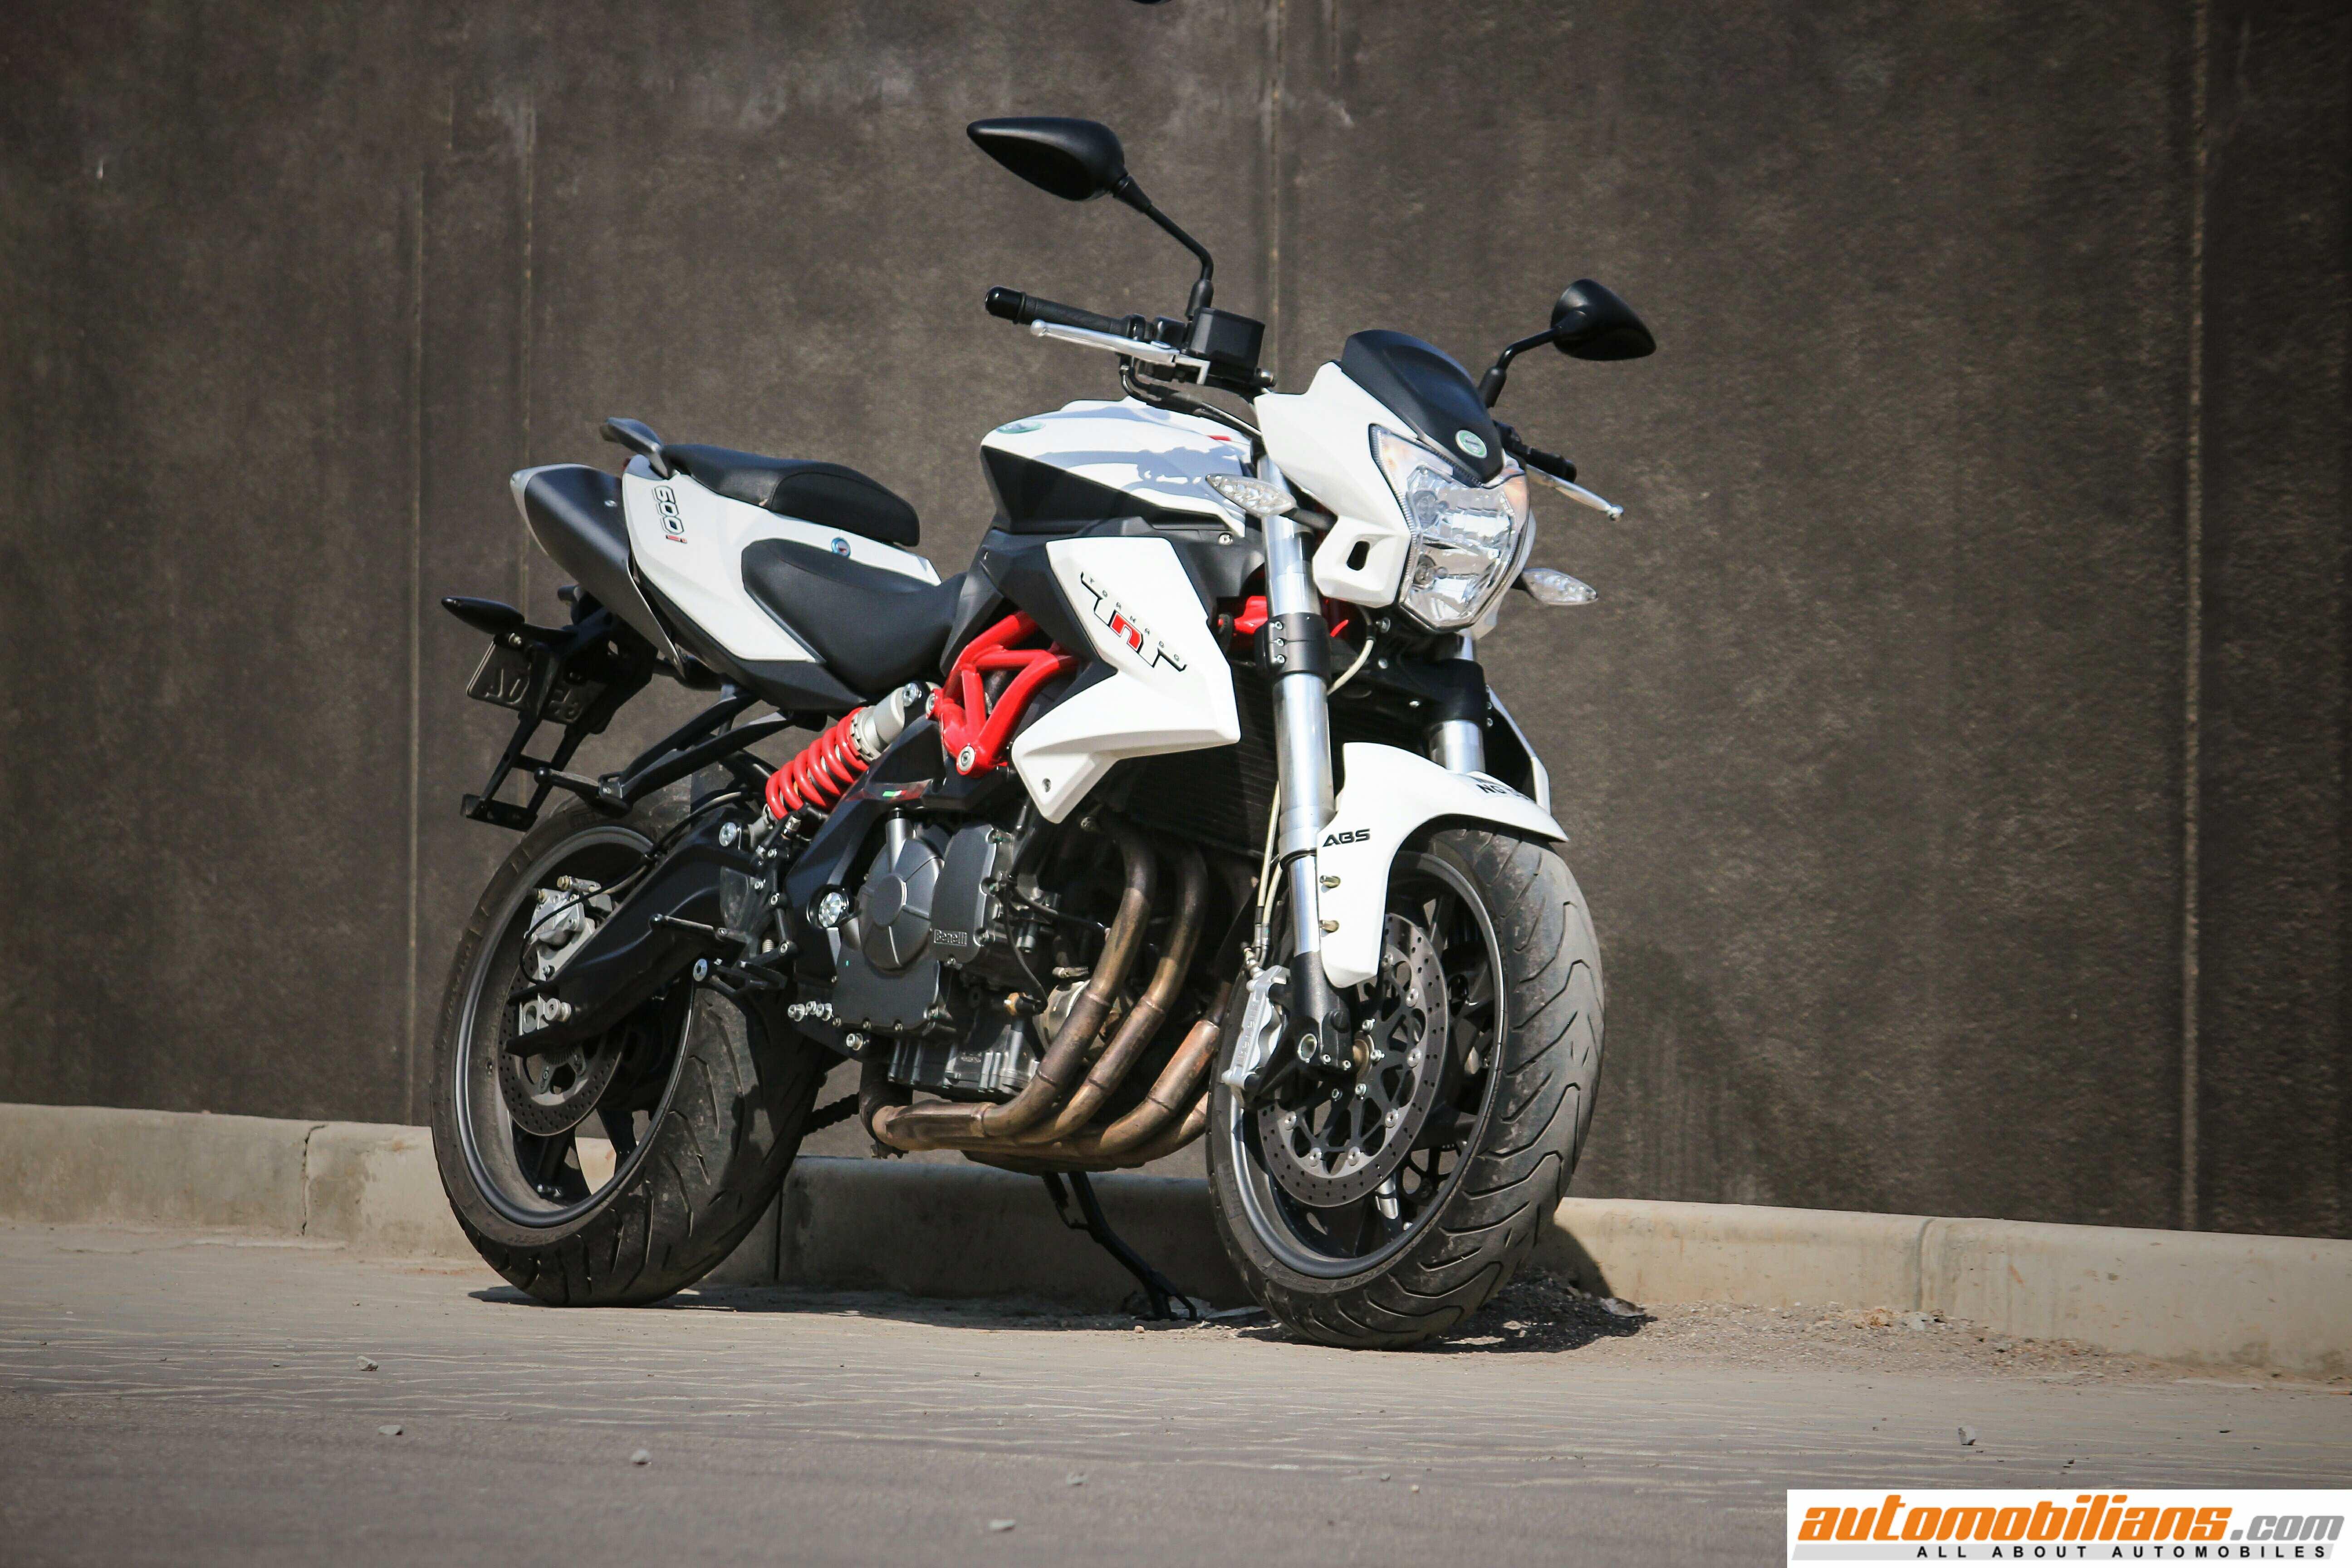 Tnt Auto Sales >> Automobilians.com | Benelli TNT 600i ABS - Test Ride Review